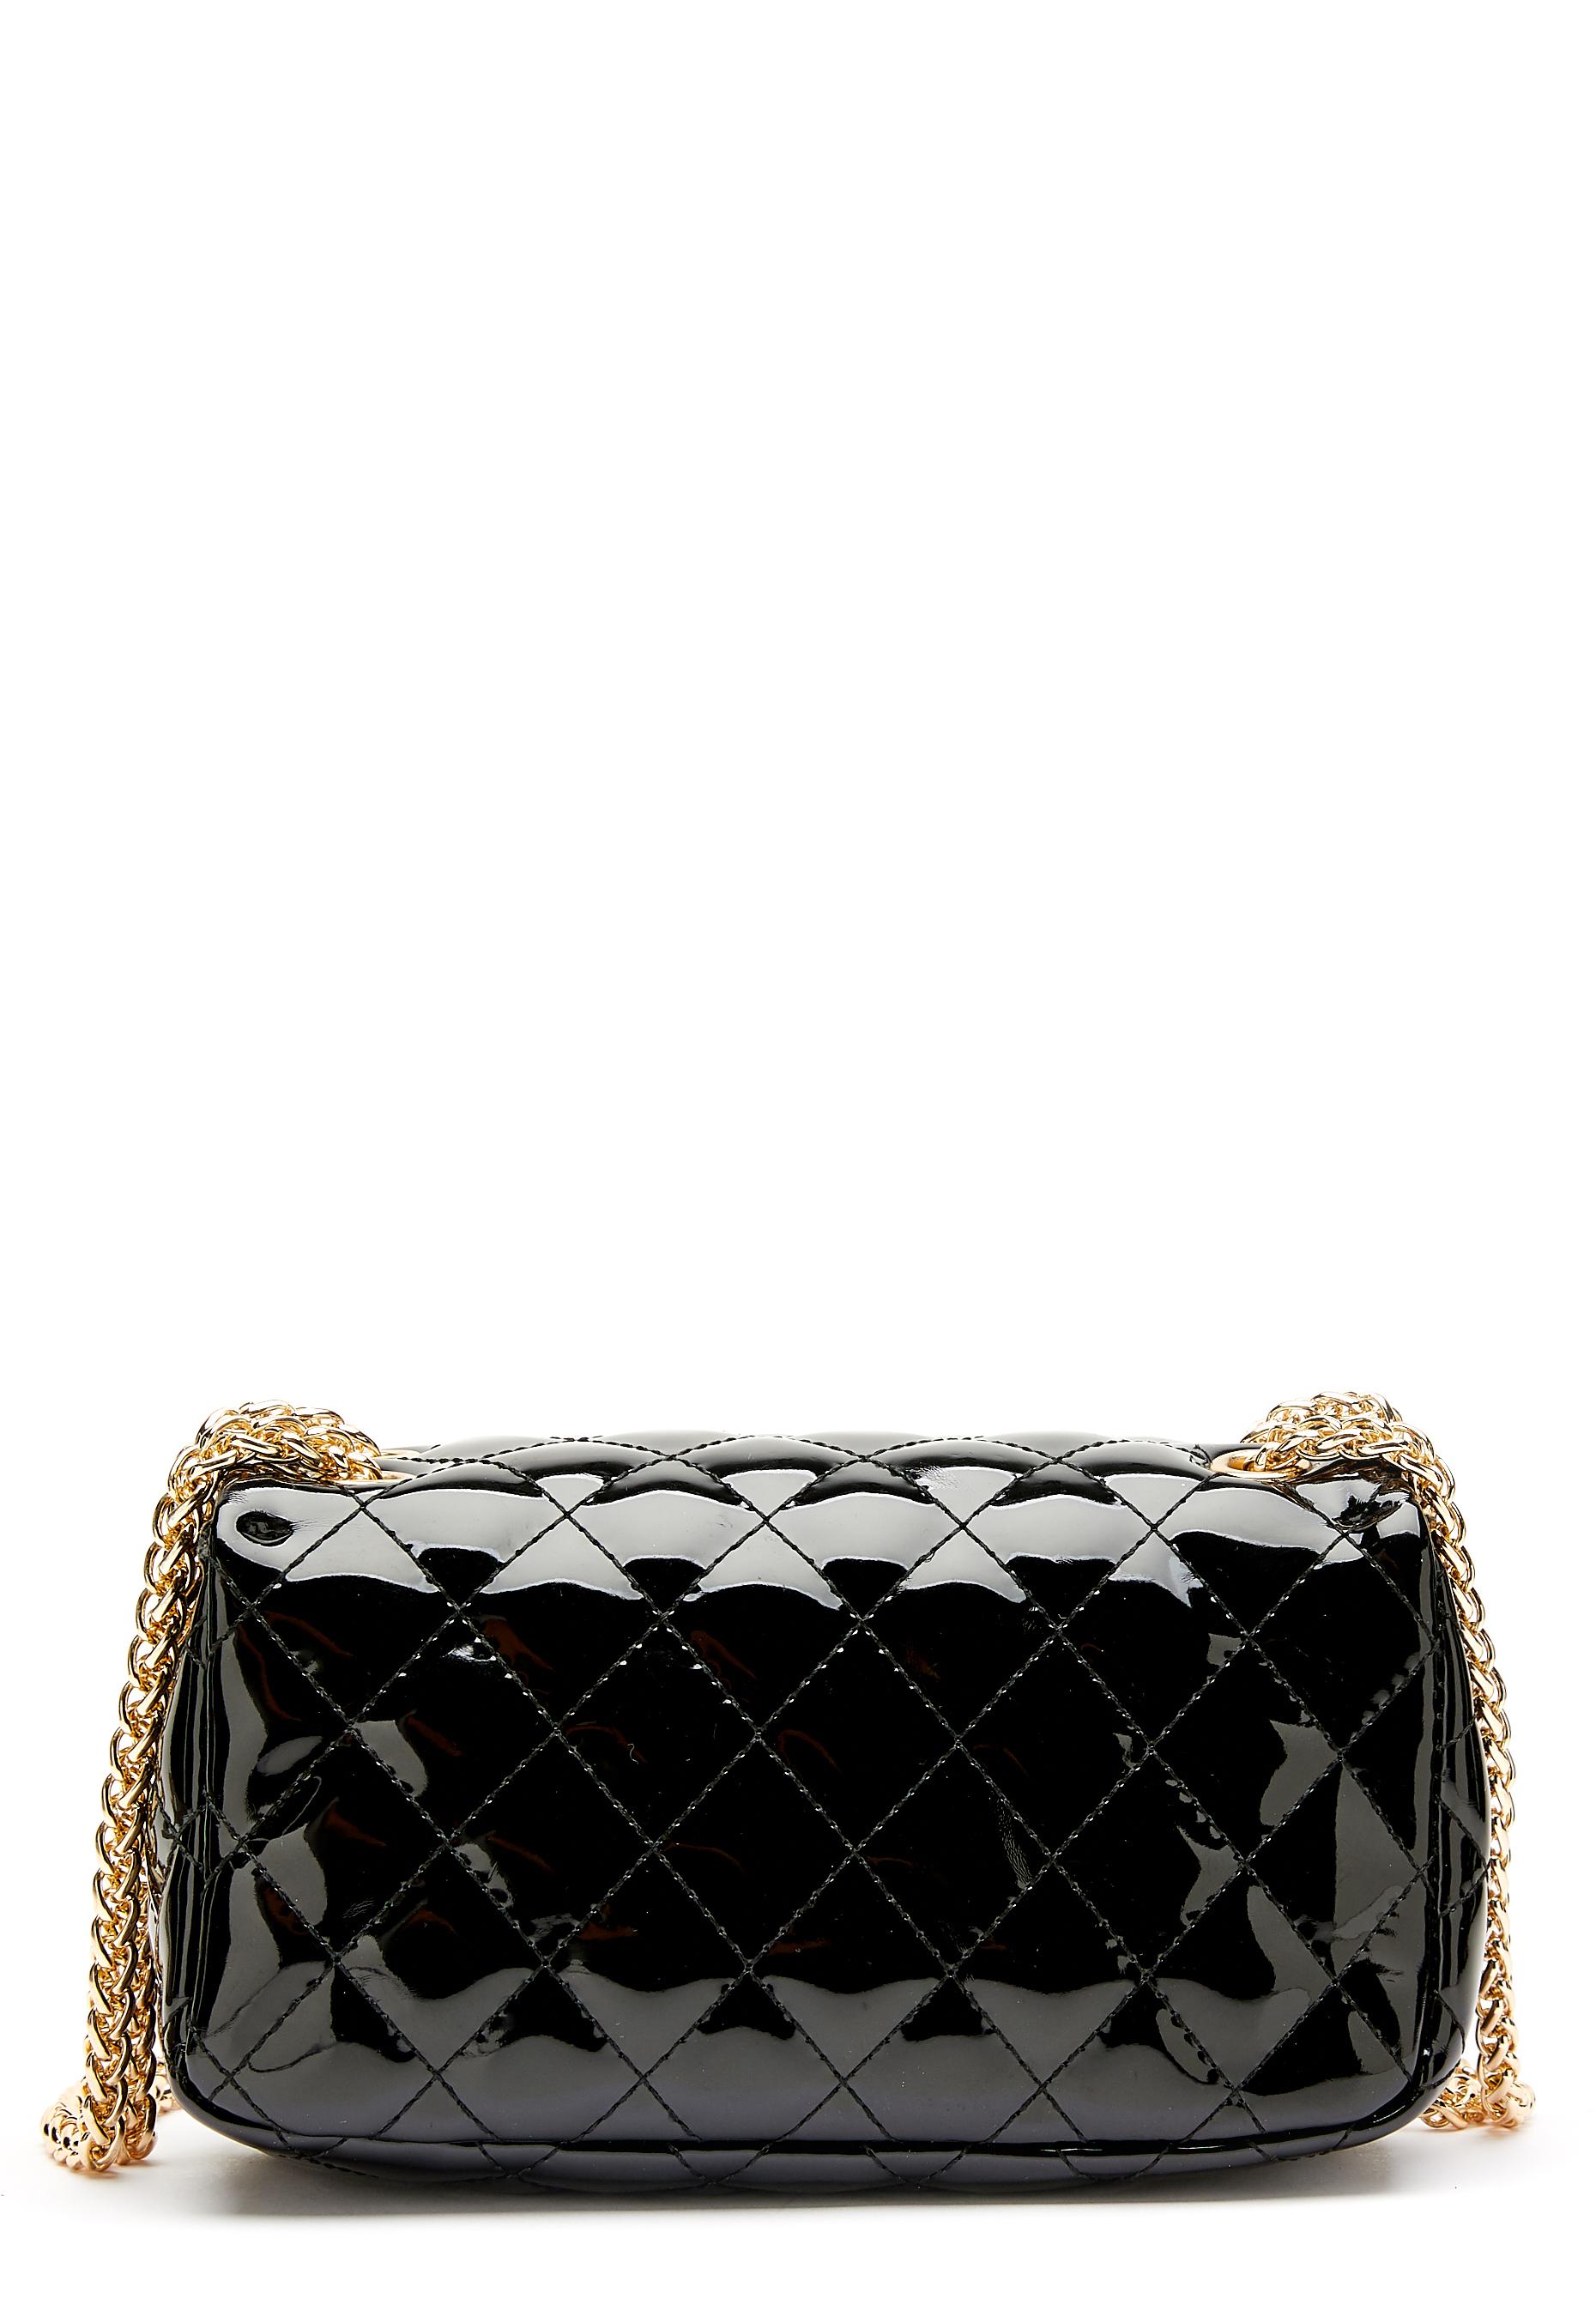 Menbur Sturla Bag Black - Bubbleroom d2f7e8390f8